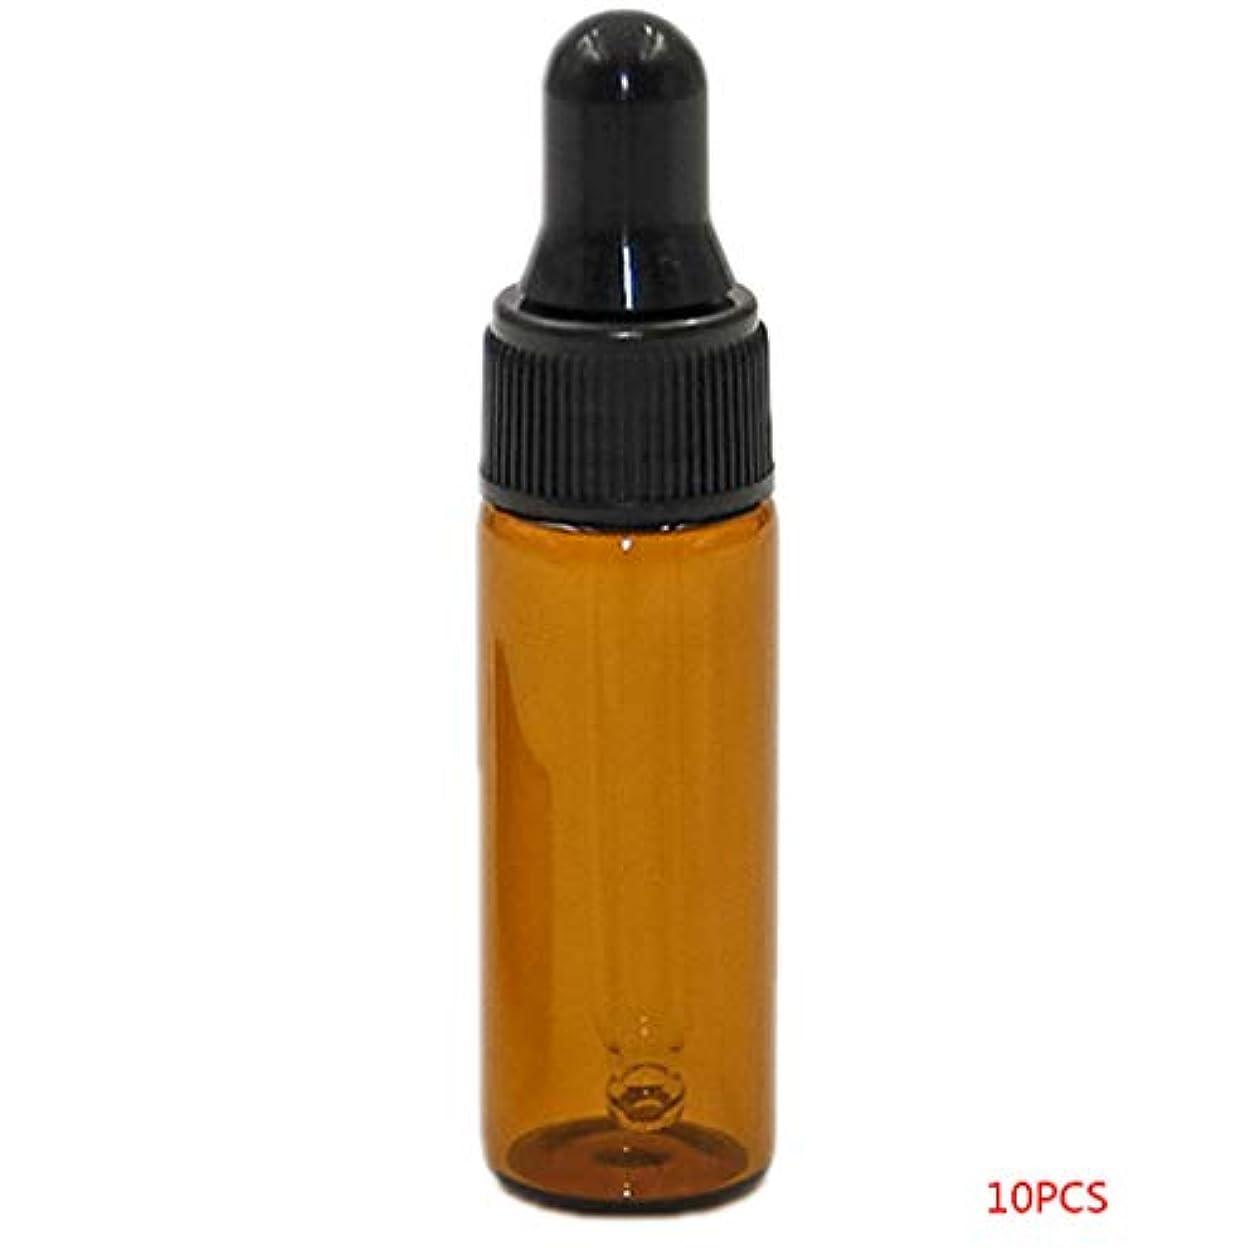 メタリックレシピグリットArichops アロマオイル 精油 小分け用 遮光瓶 セット 茶 ガラス アロマ ボトル オイル 用 茶色 瓶 ビン エッセンシャルオイル 保存 詰替え 瓶 ビン